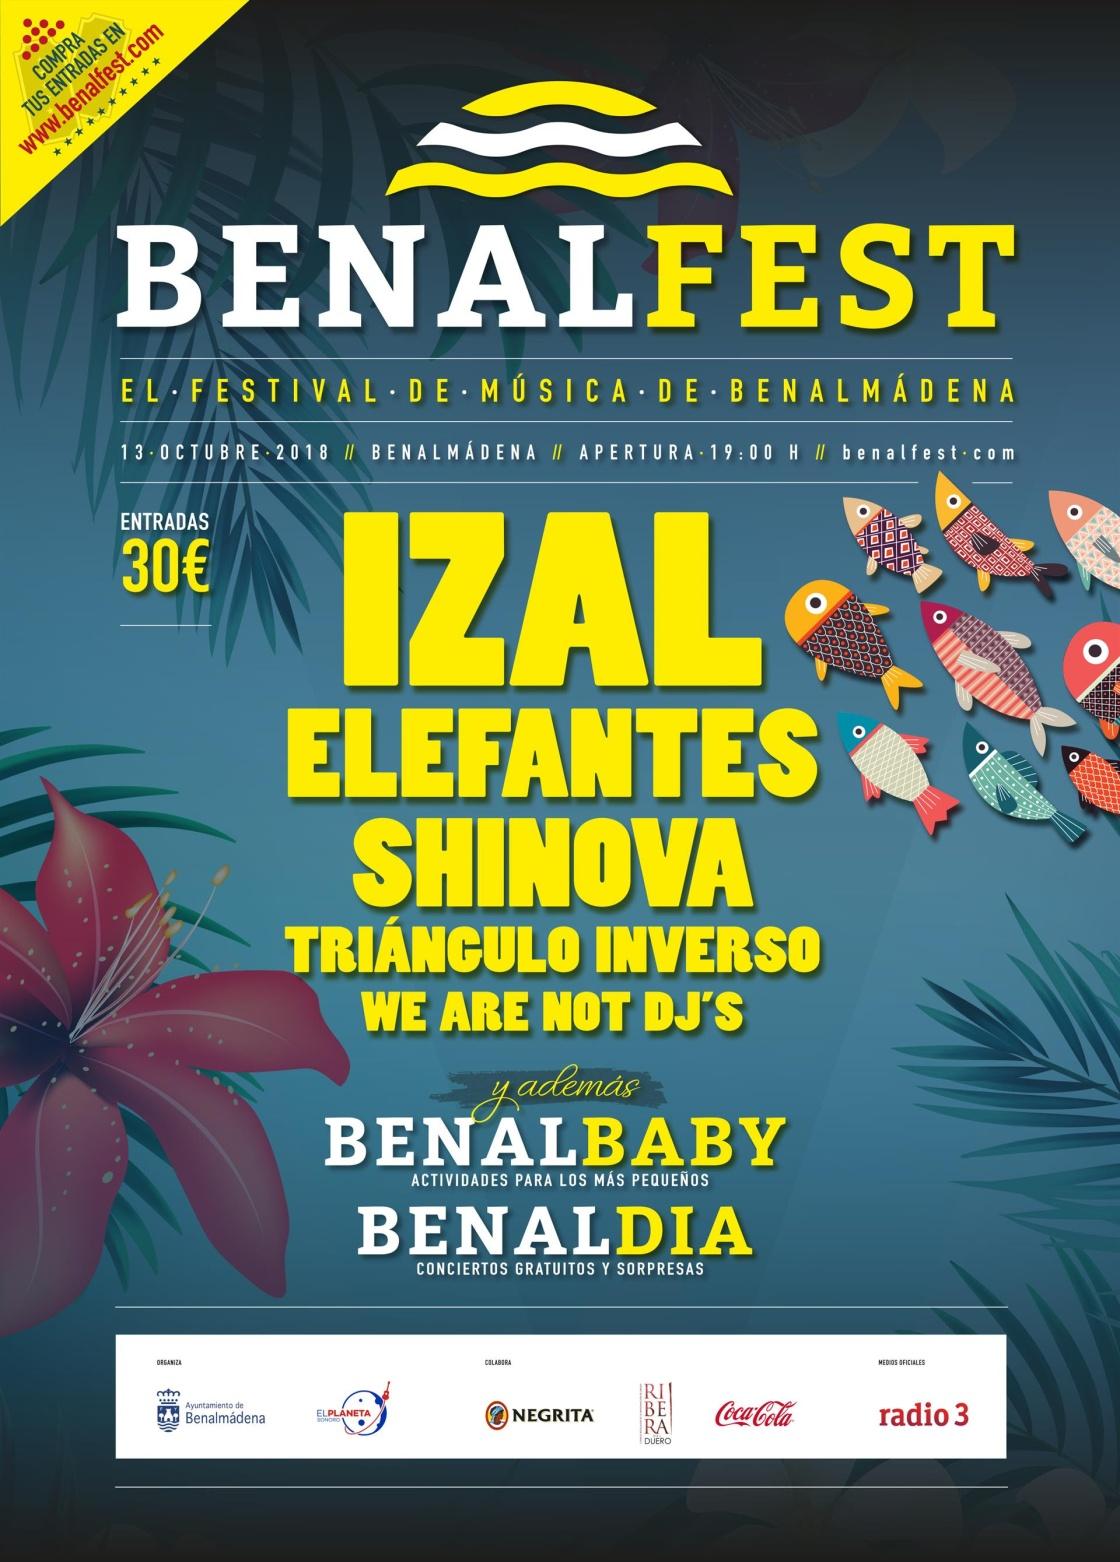 Nace el Benalfest